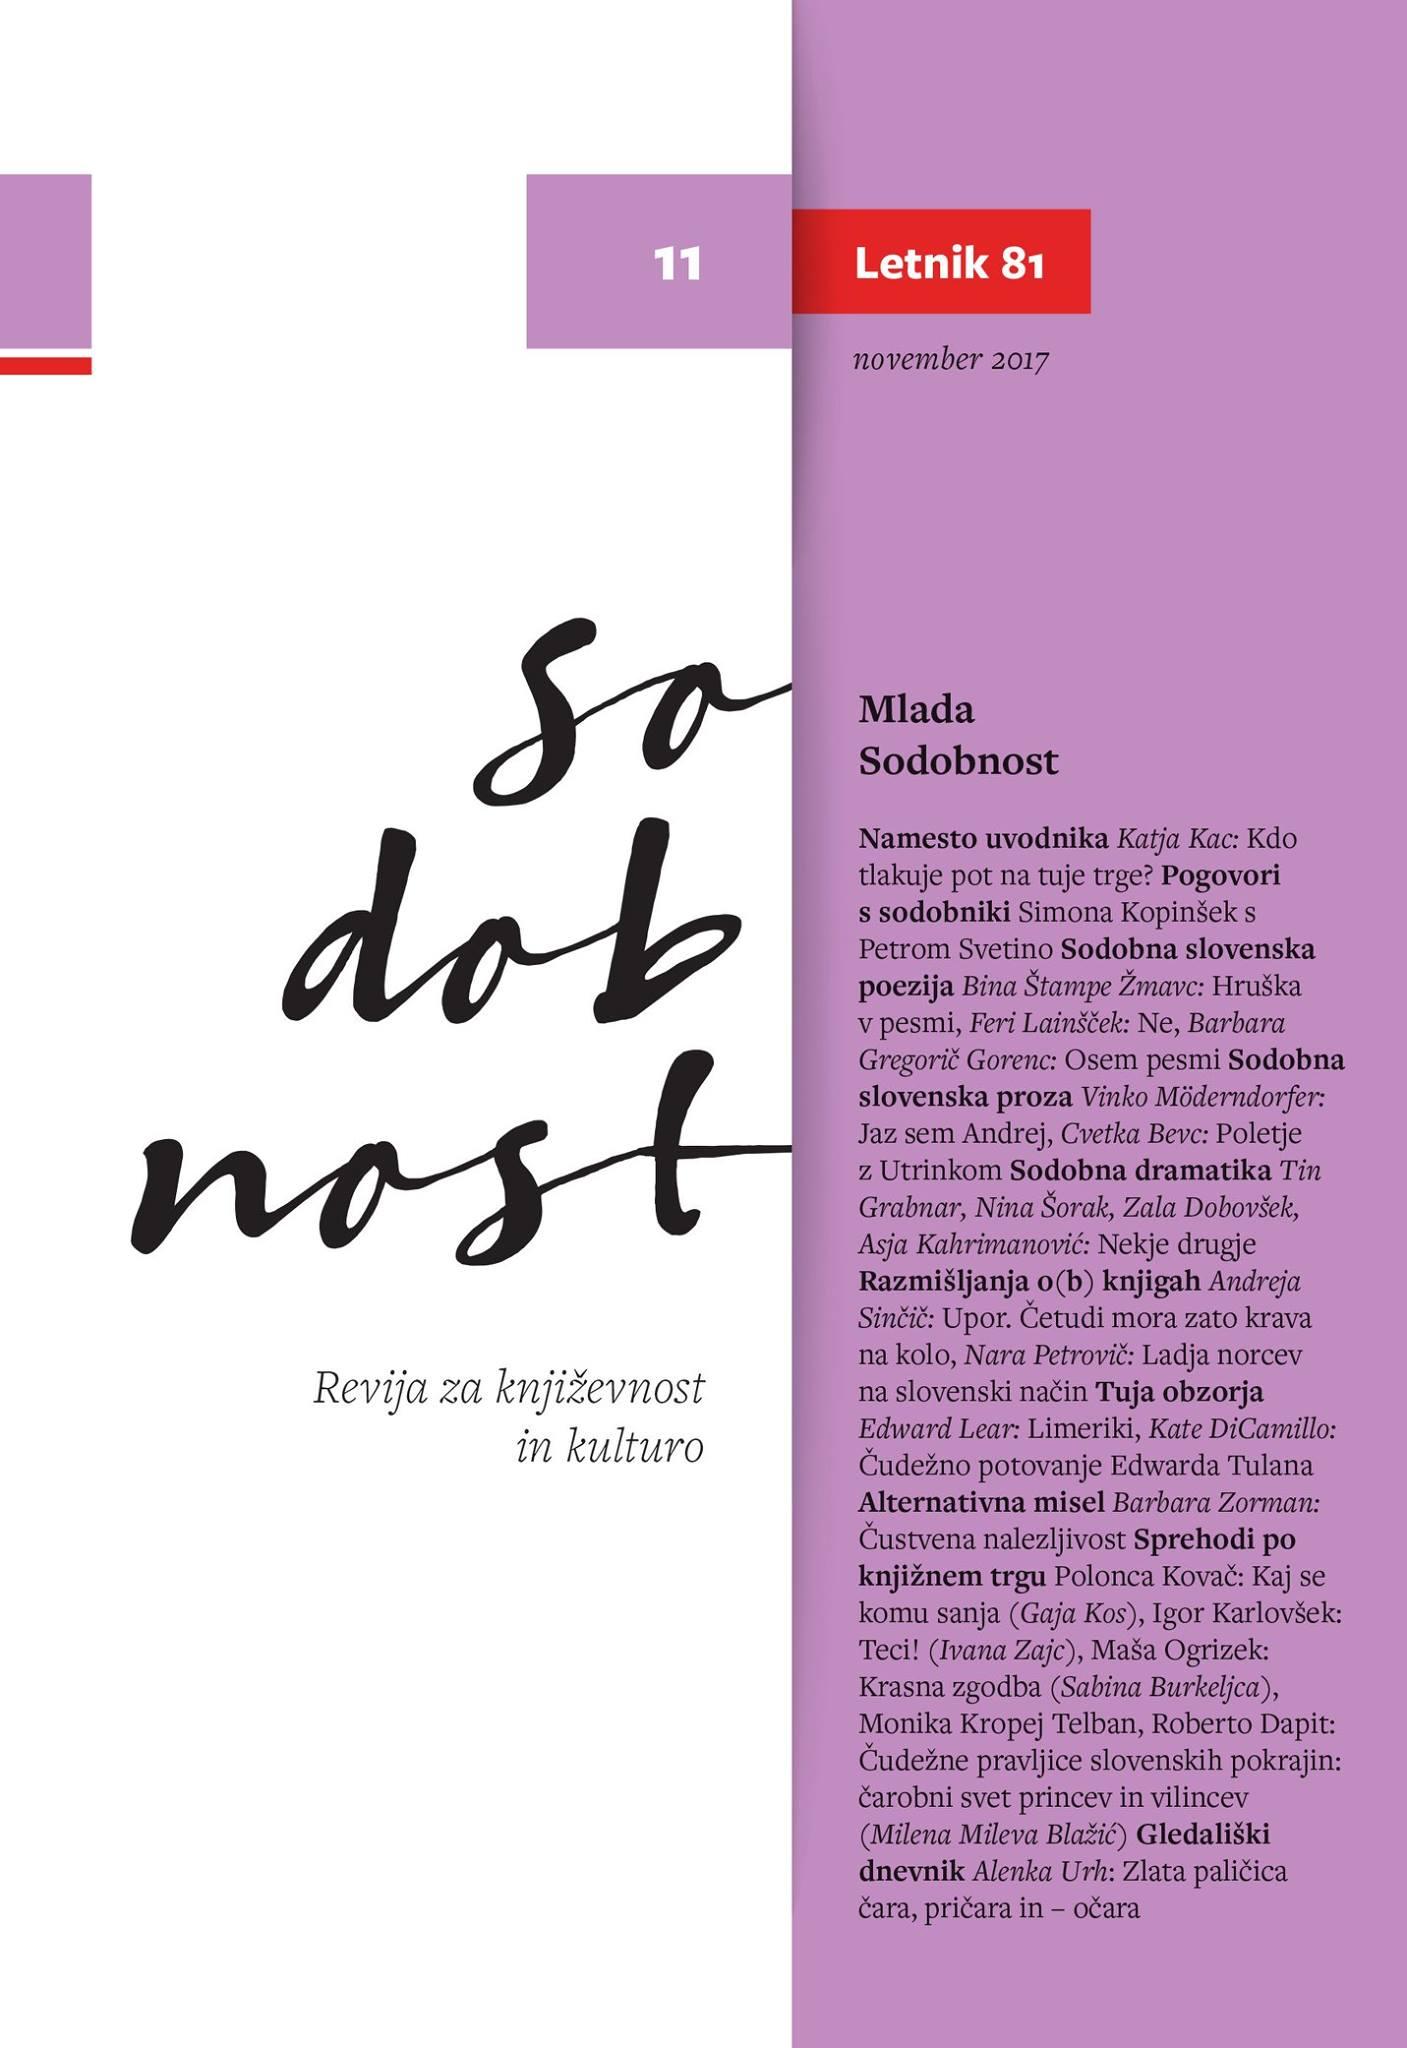 Cover of Sodobnost